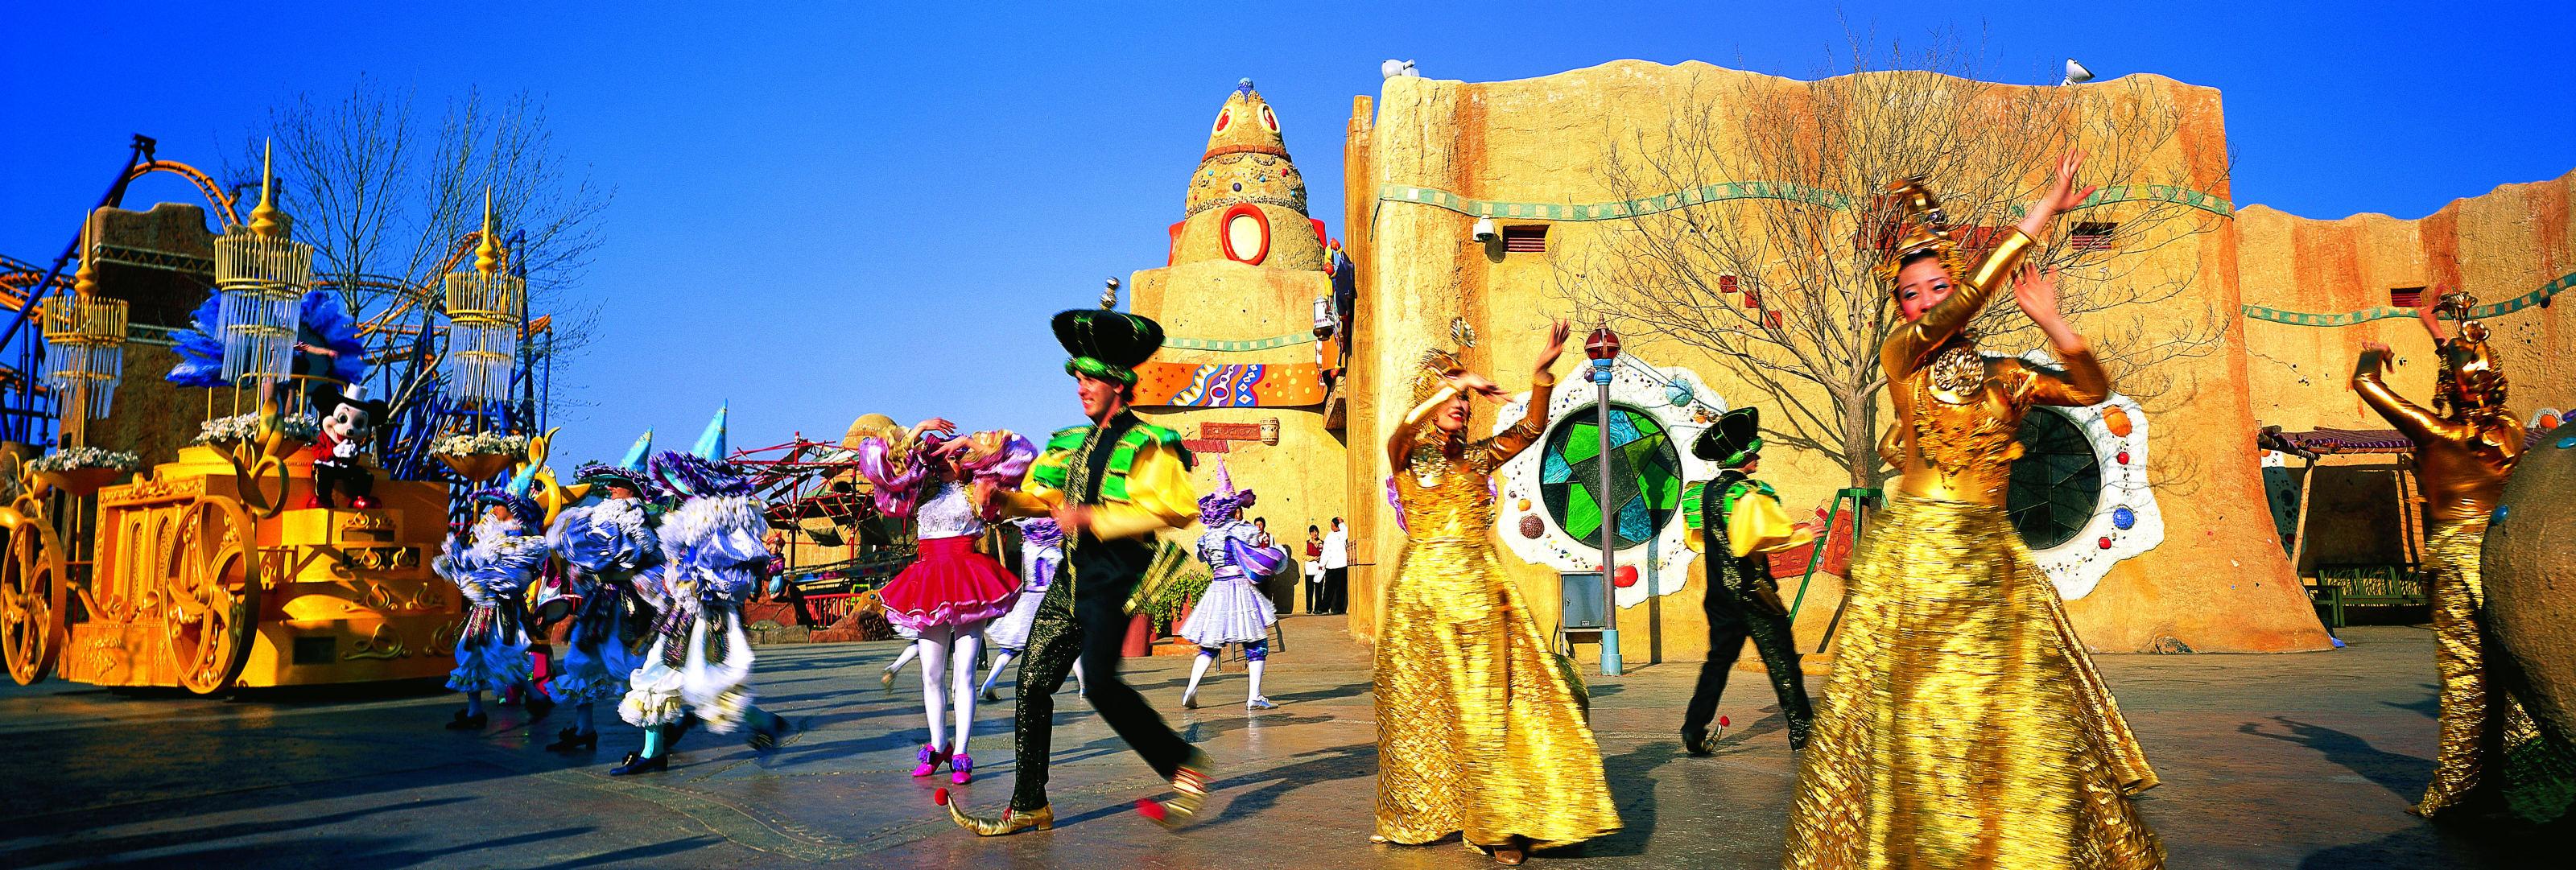 发现广场,传奇城堡,魔法森林,金属工厂,神秘沙漠,疯狂小镇和婚礼殿堂